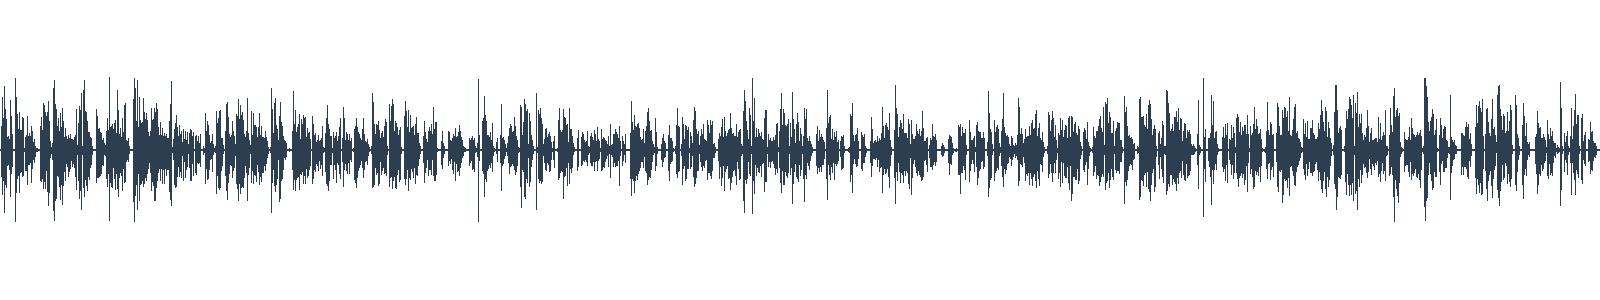 Anna Kareninová waveform